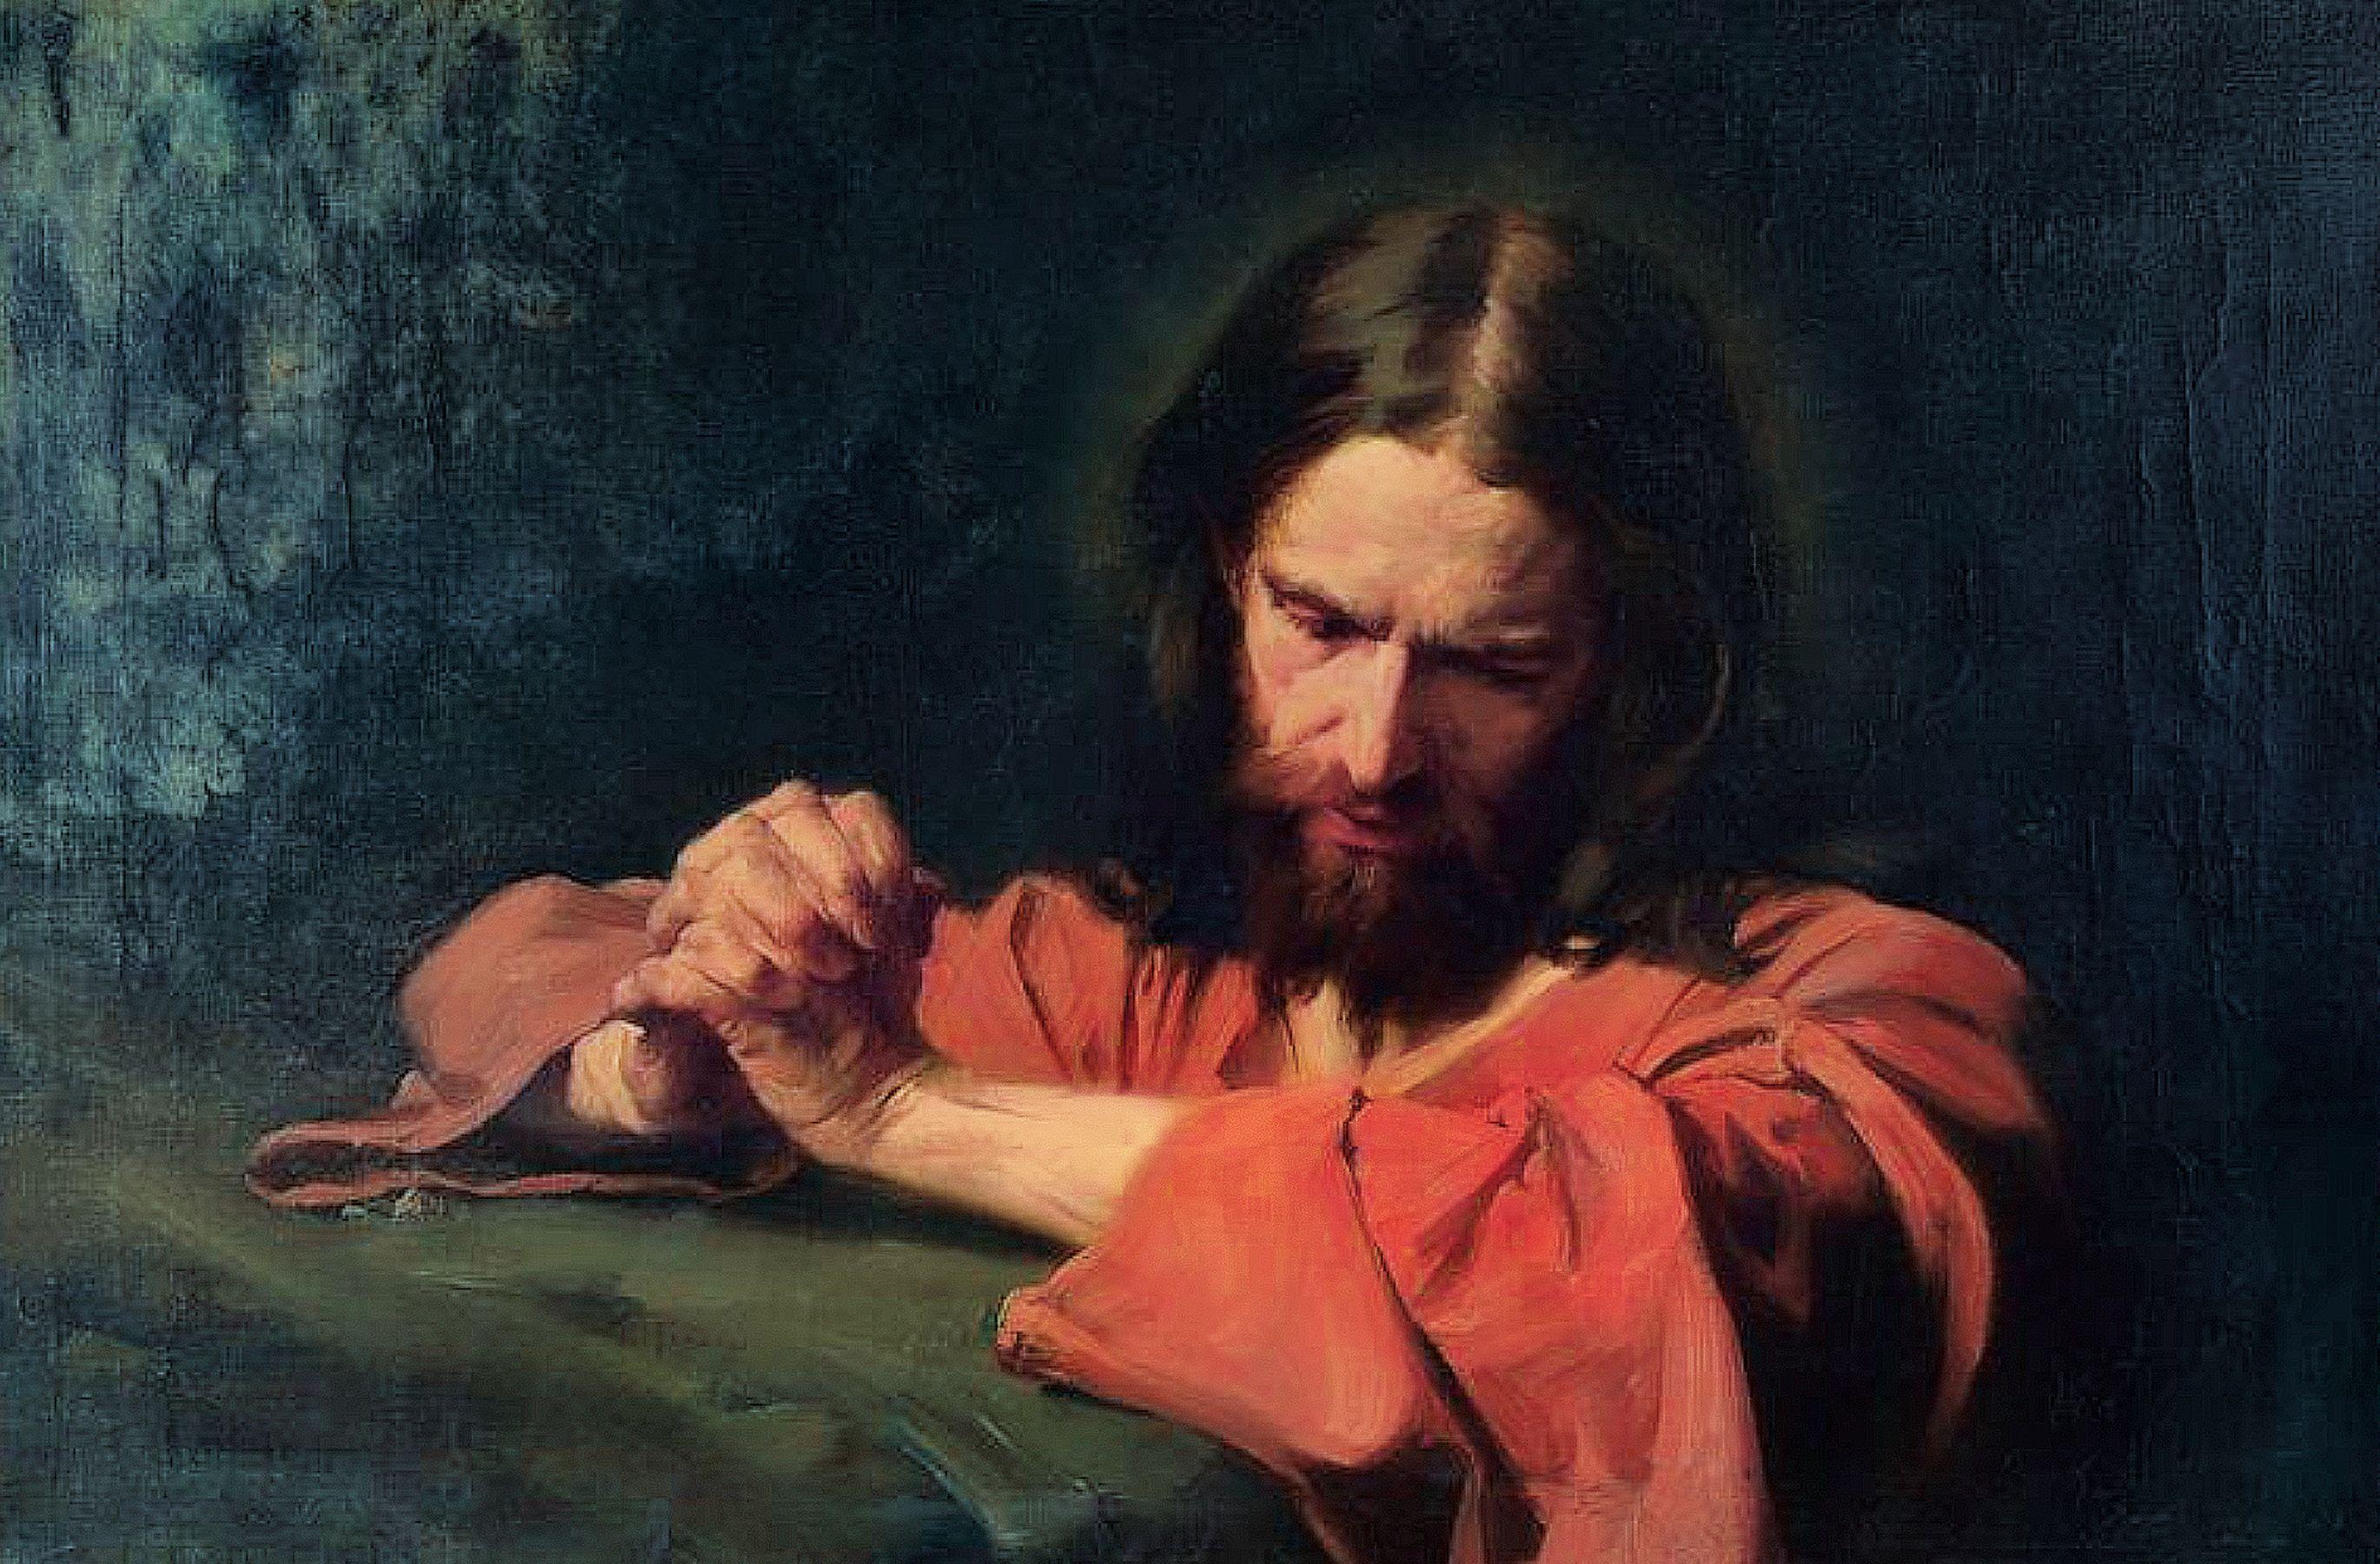 Christ Praying in the Garden of Gethsemane, by Hermann Clementz.